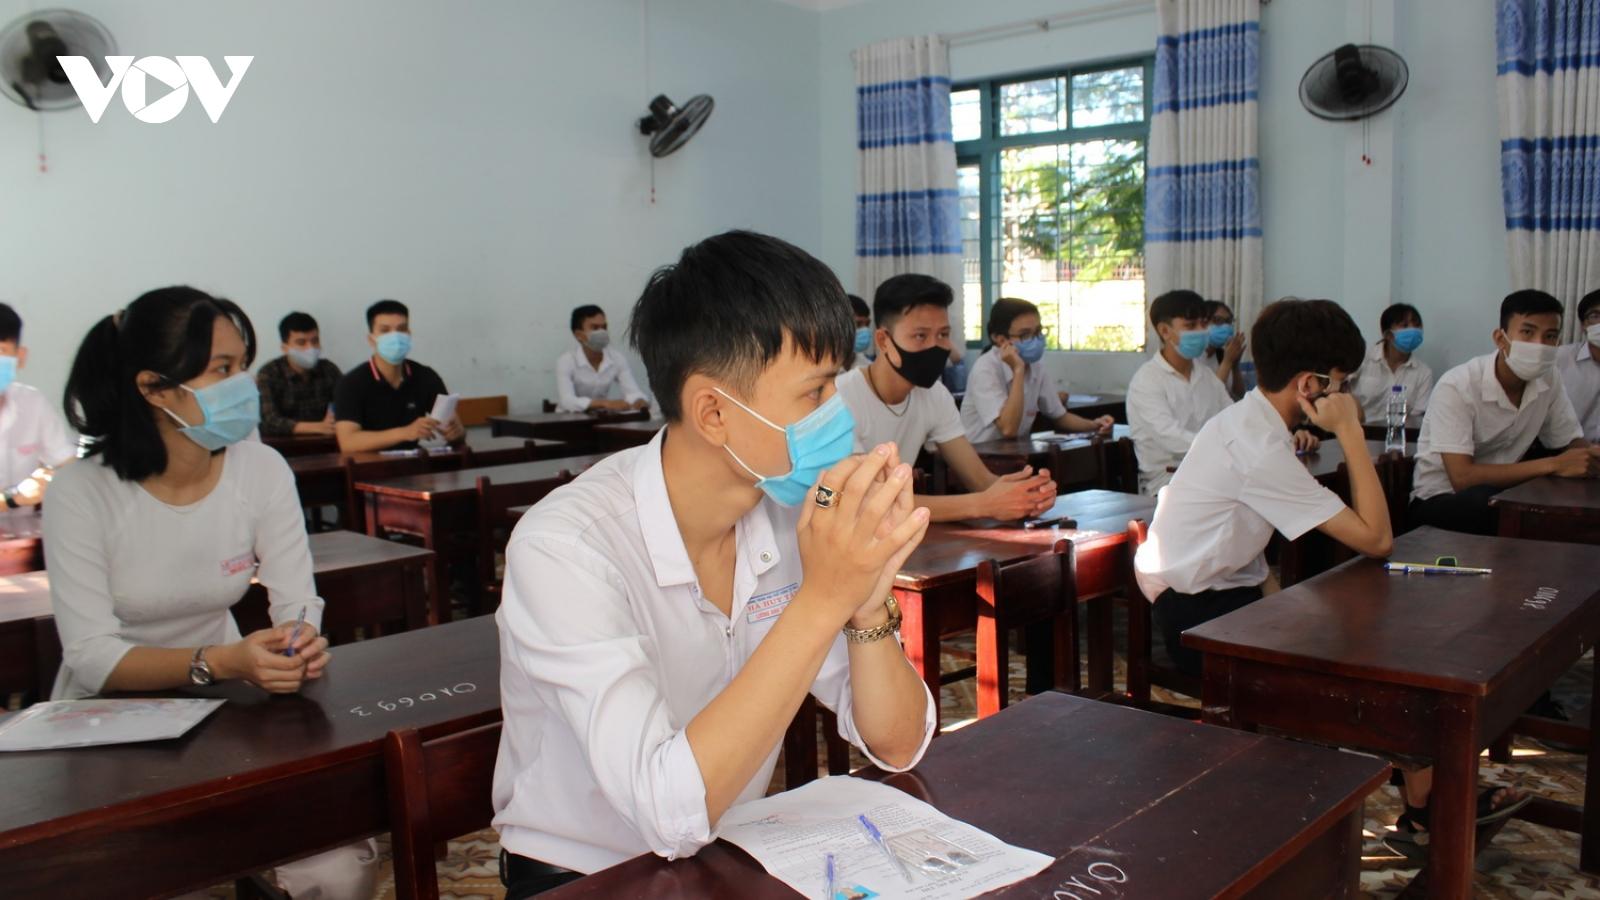 2 địa phương của Quảng Nam giáp Đà Nẵng chưa thể cho học sinh thi học kỳ 2